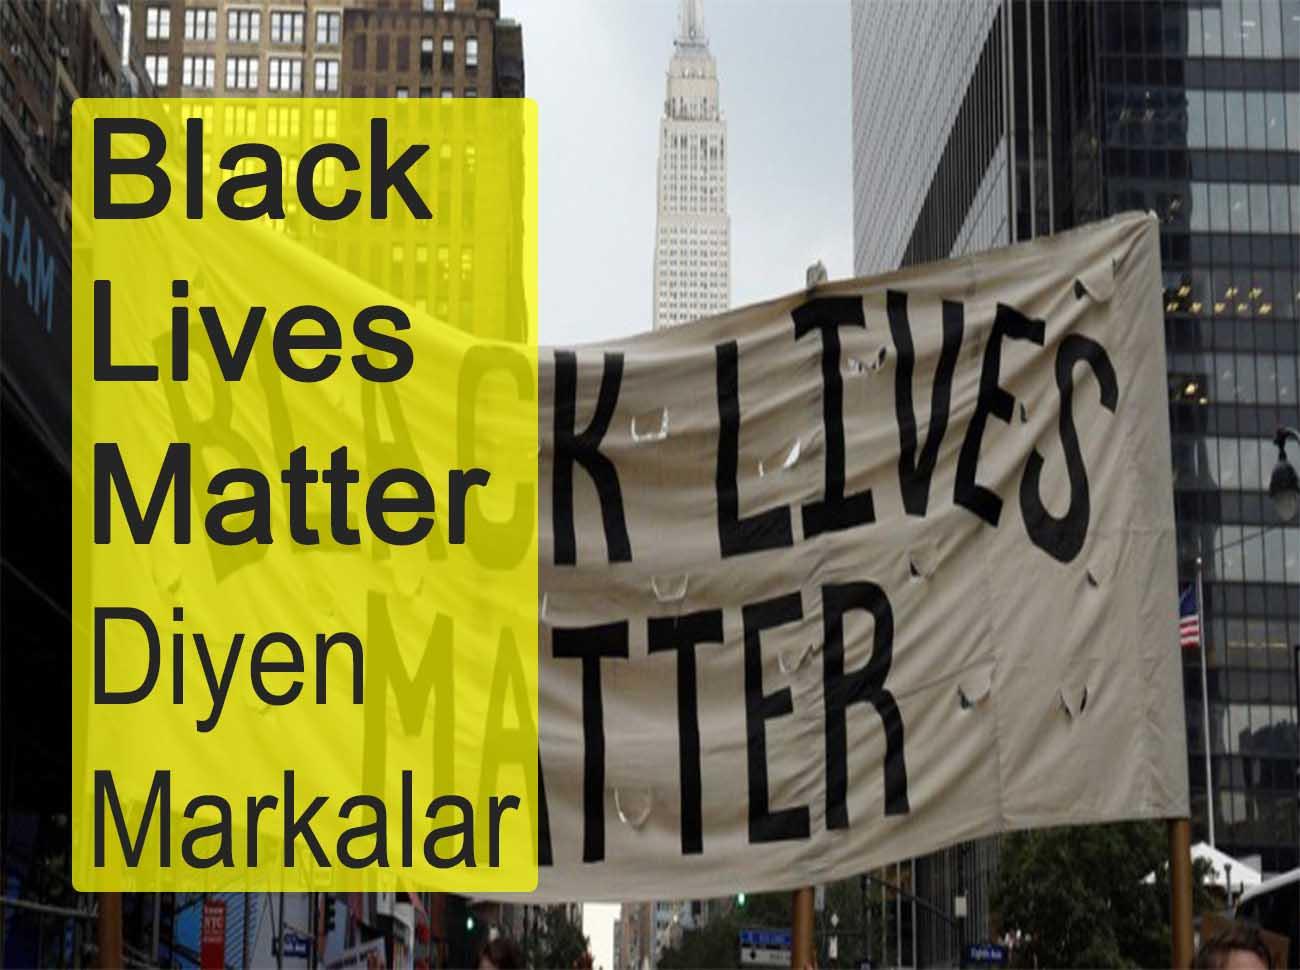 Black Lives Matter Diyen Markalar